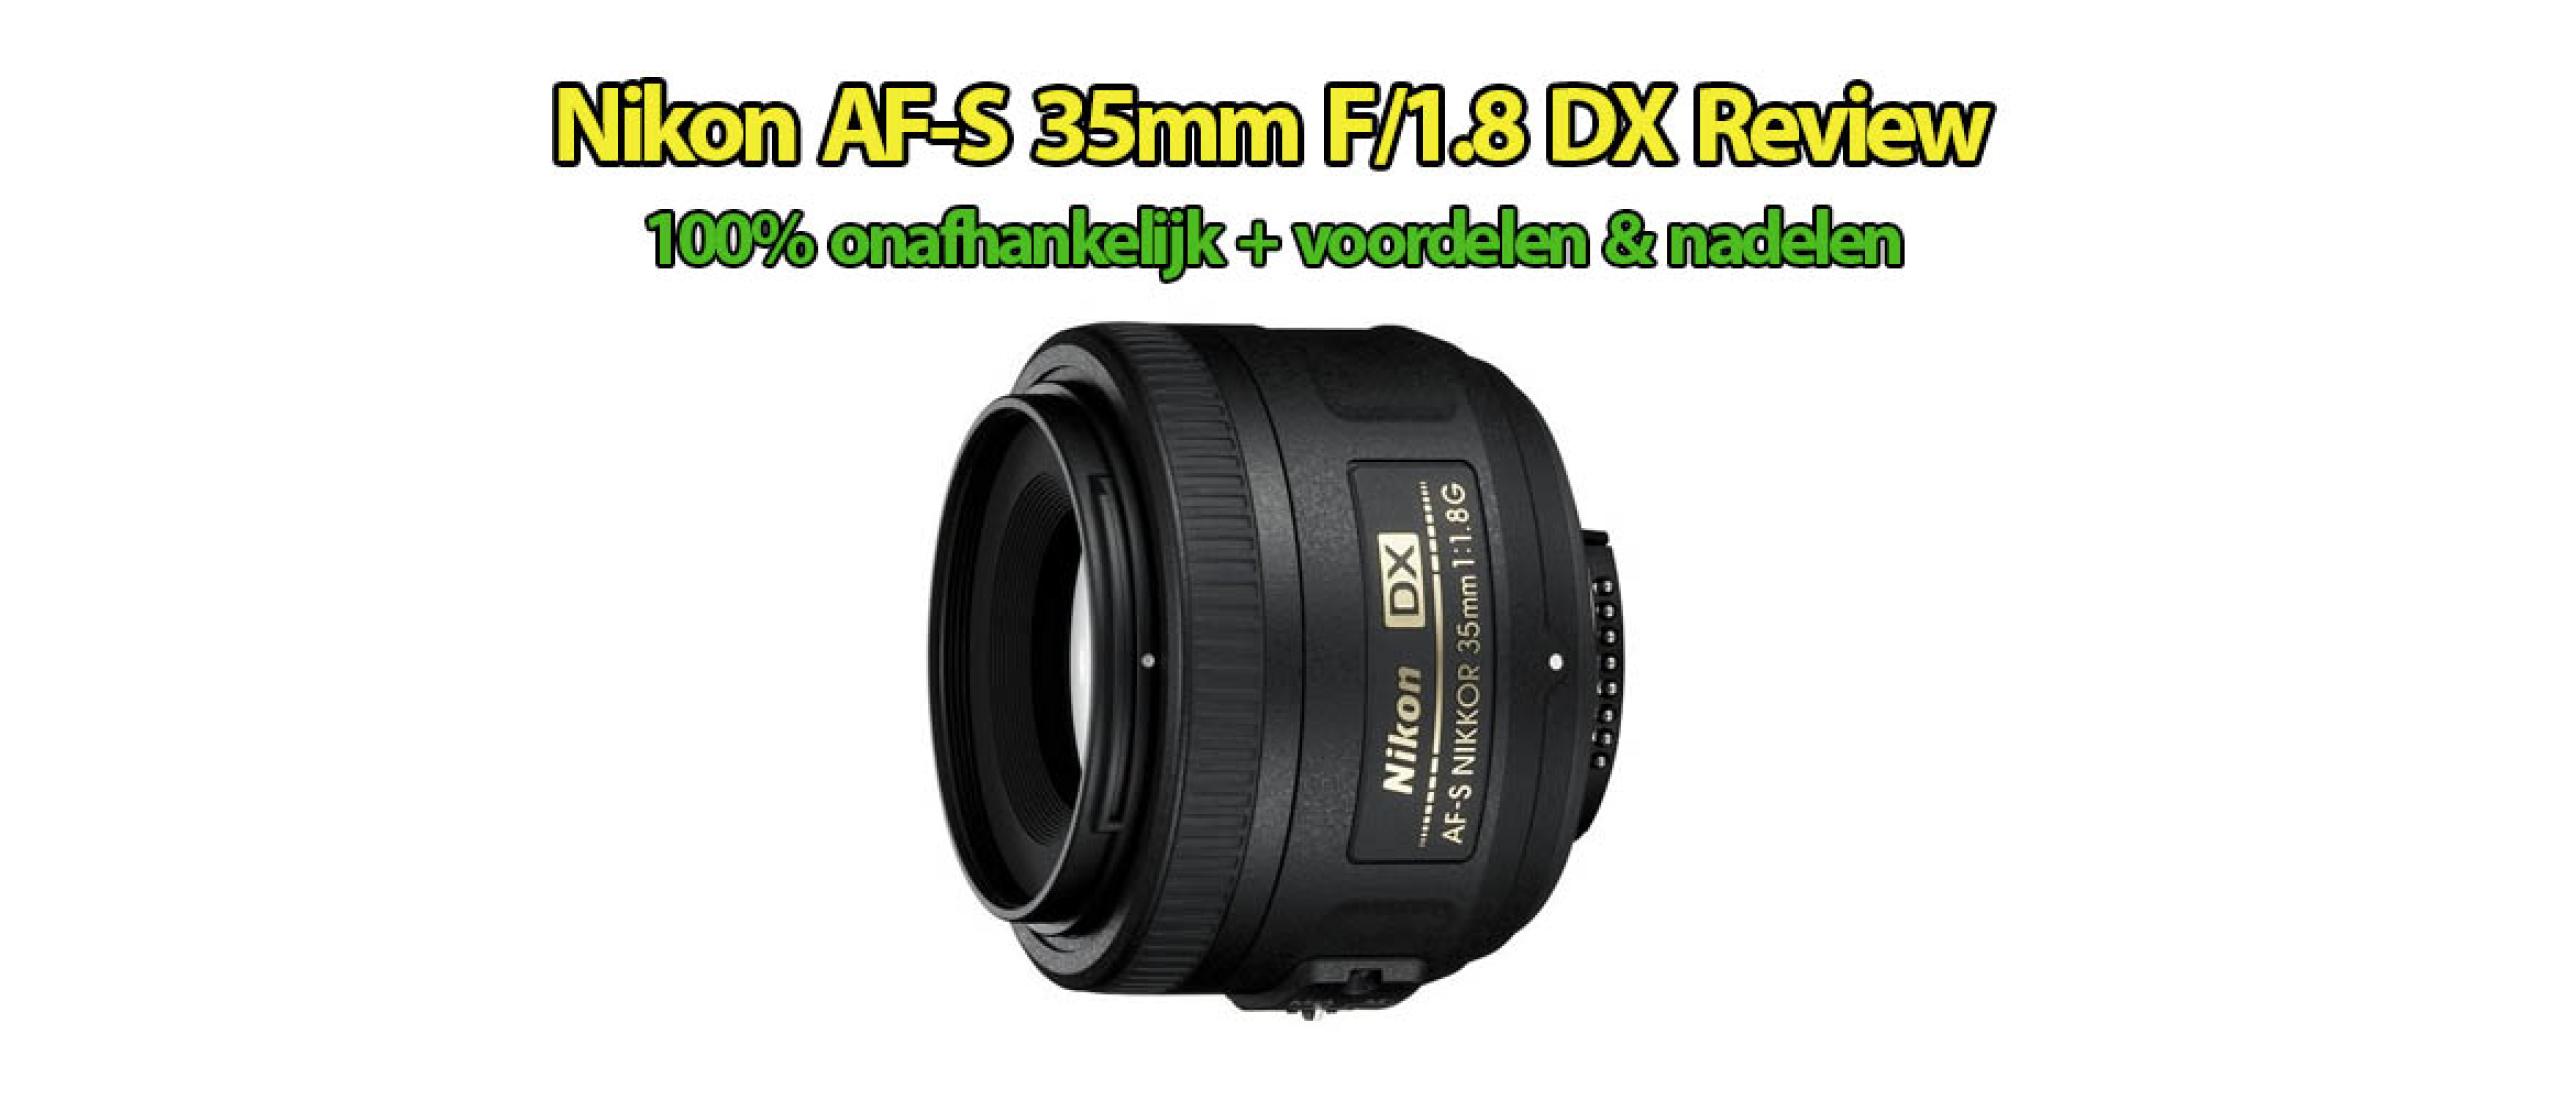 Nikon AF-S 35mm f/1.8G DX Review